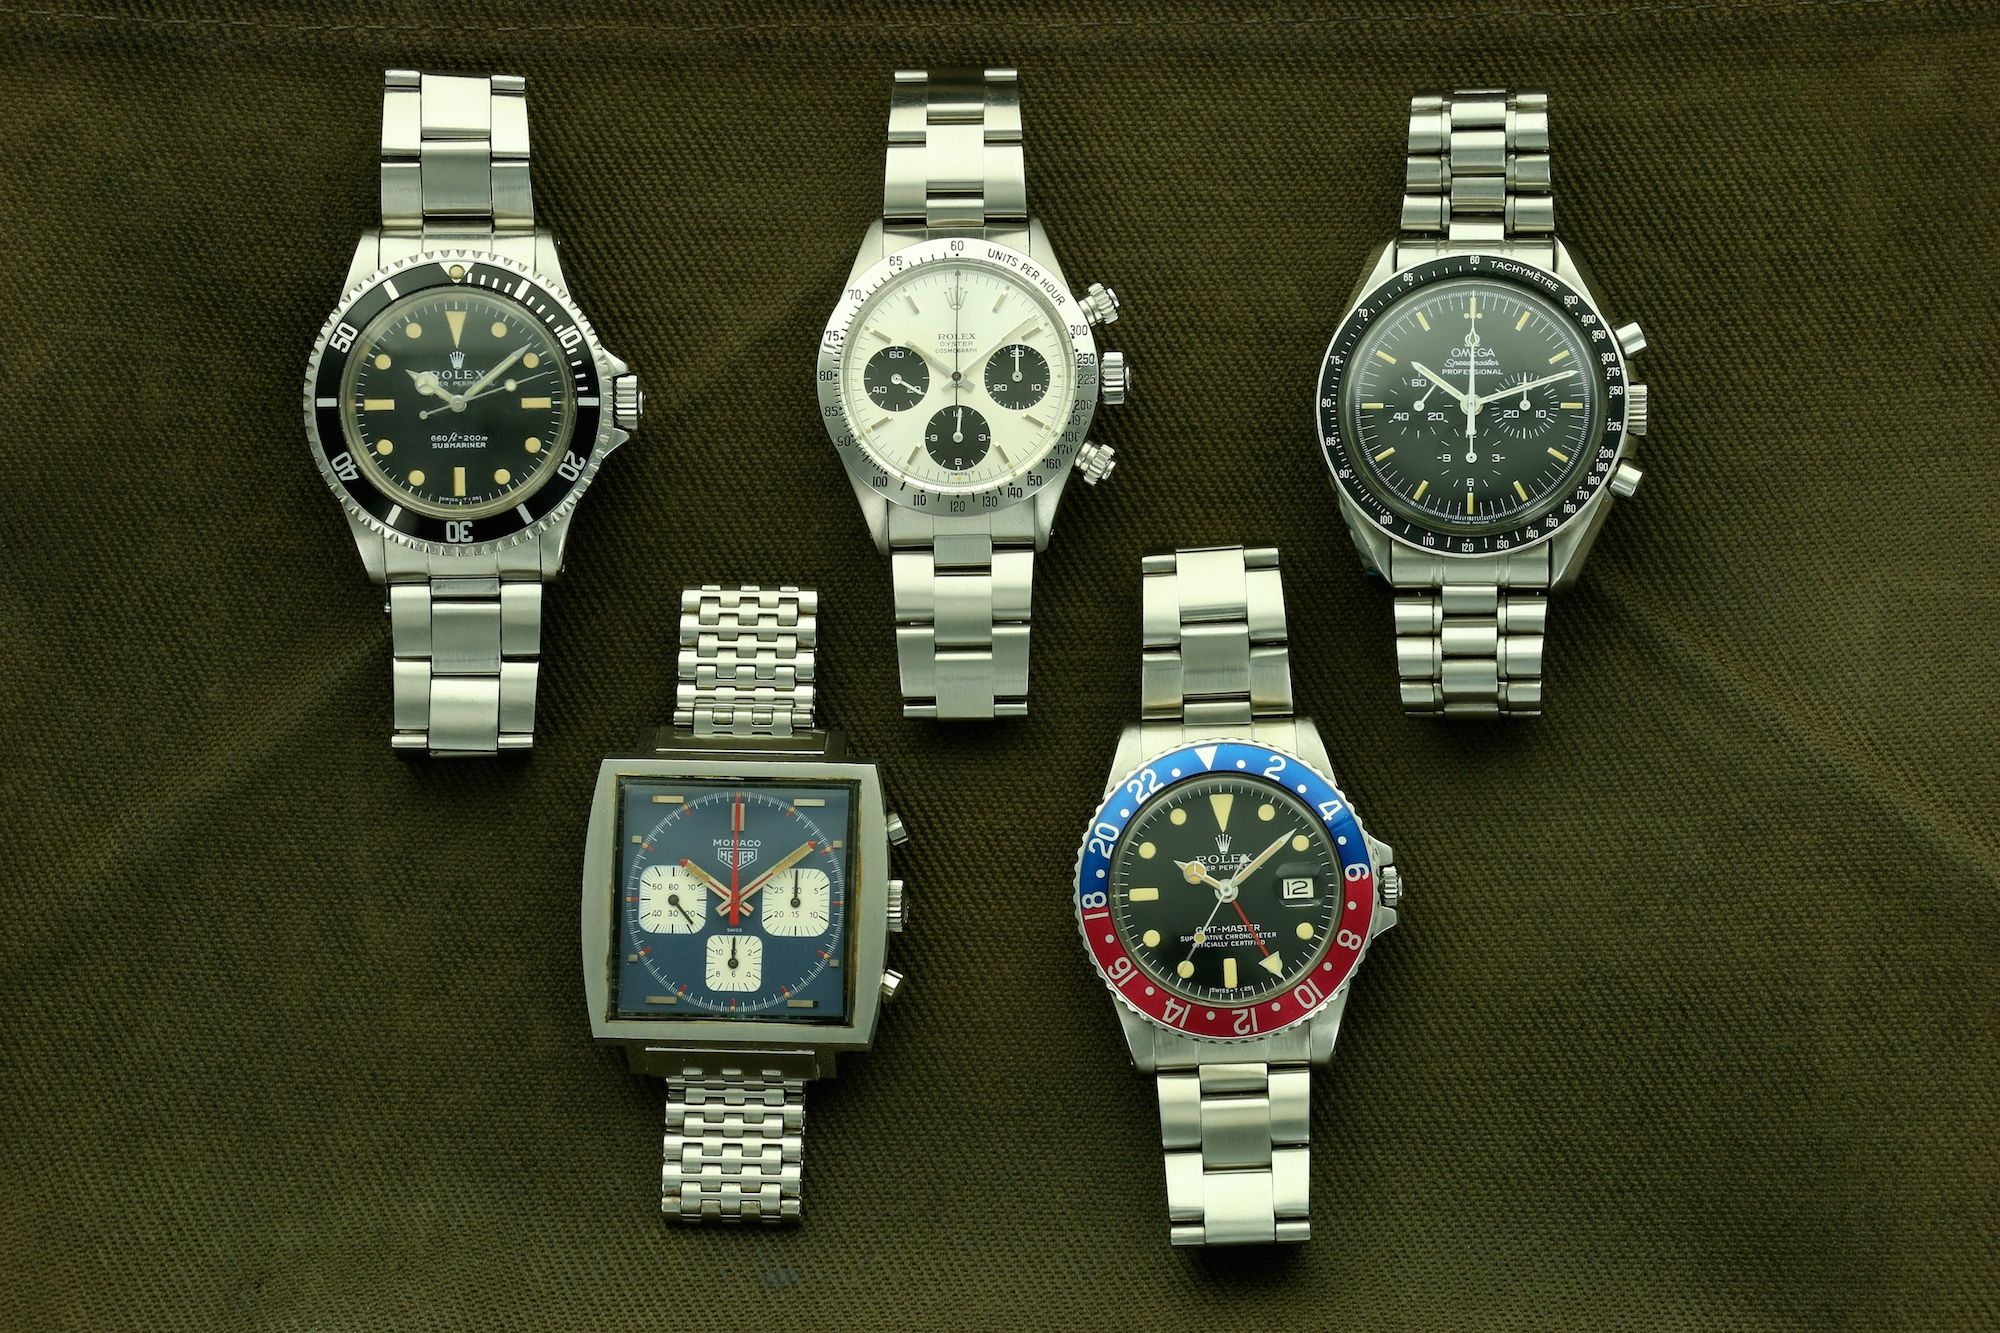 Five vintage sports watches; Rolex Submariner, Heuer Monaco, Rolex Daytona, Rolex GMT-Master, Omega Speedmaster